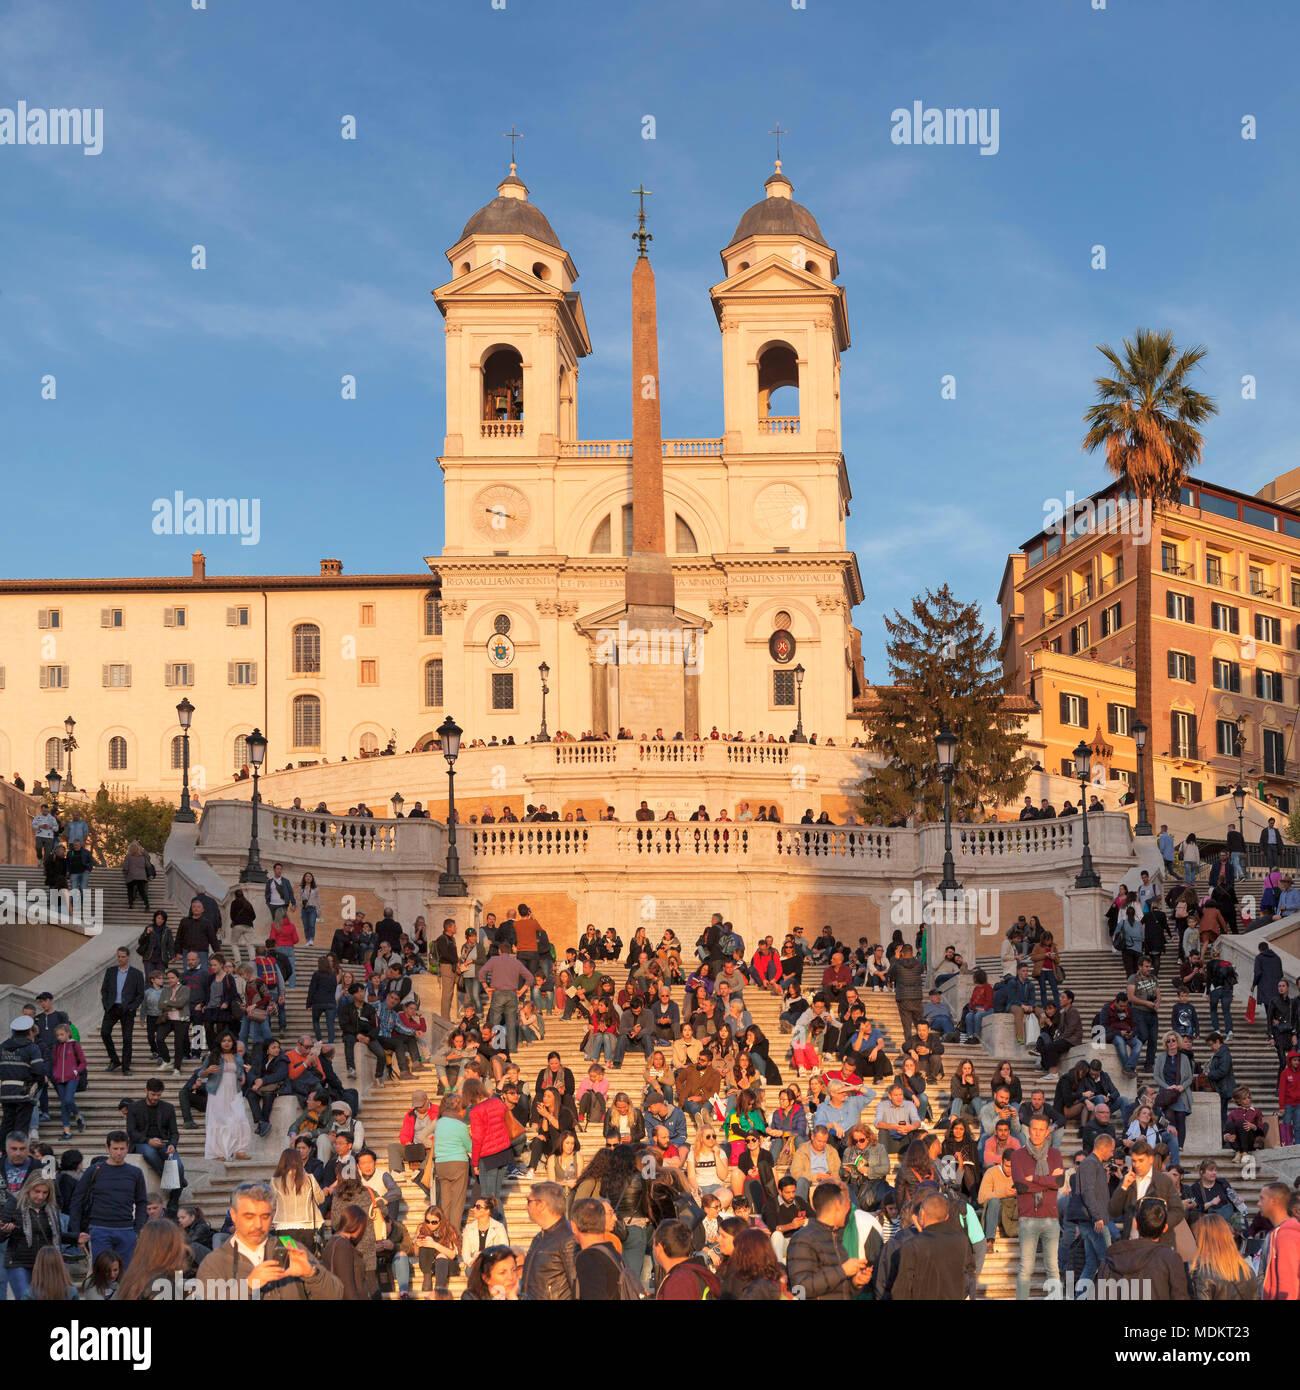 Scale spagnolo con la chiesa di Santa Trinita dei Monti, Piazza di Spagna, Roma, lazio, Italy Immagini Stock